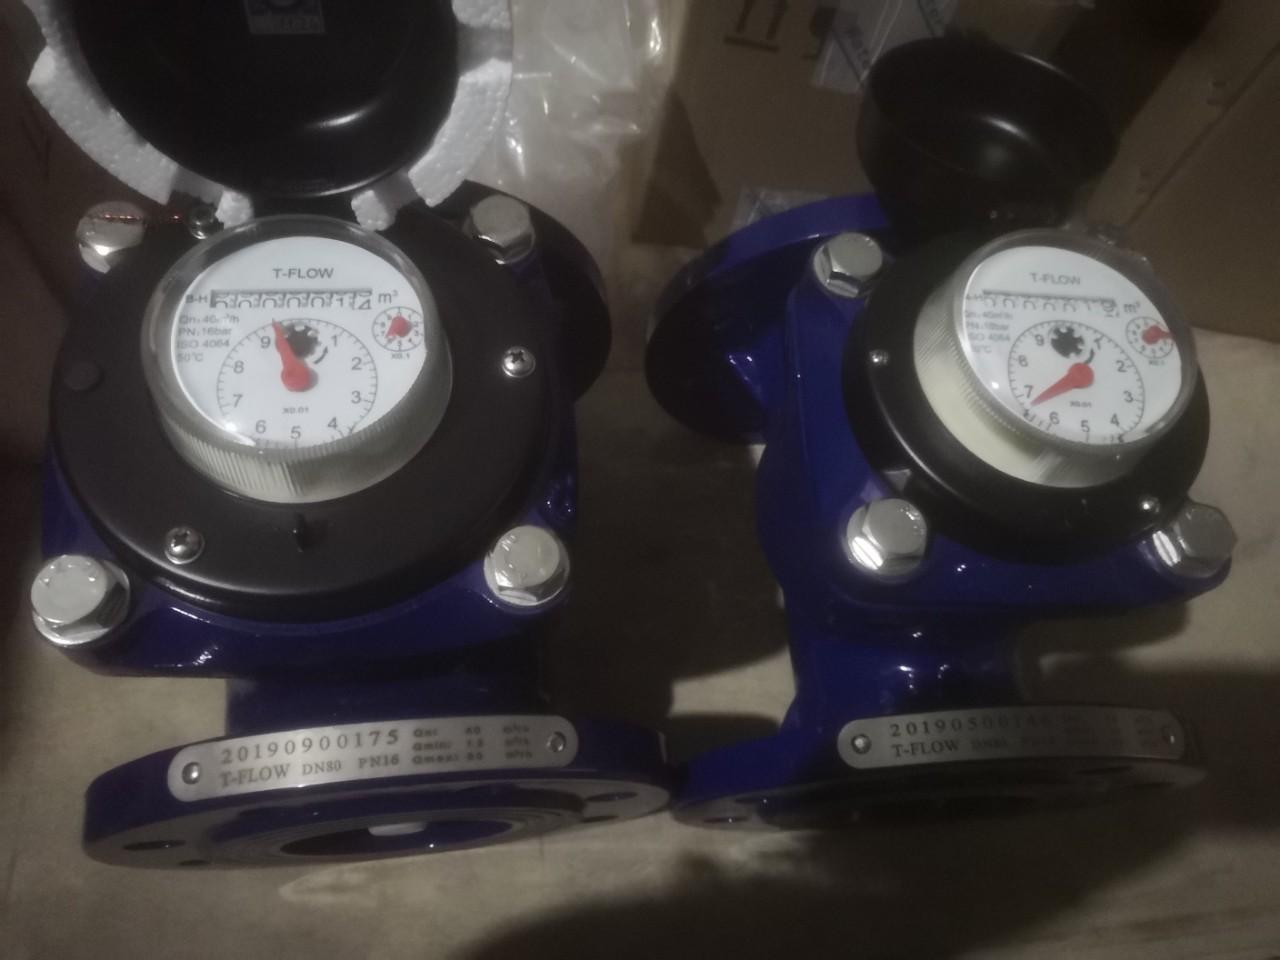 Đồng hồ đo lưu lượng nước T-Flow DN125